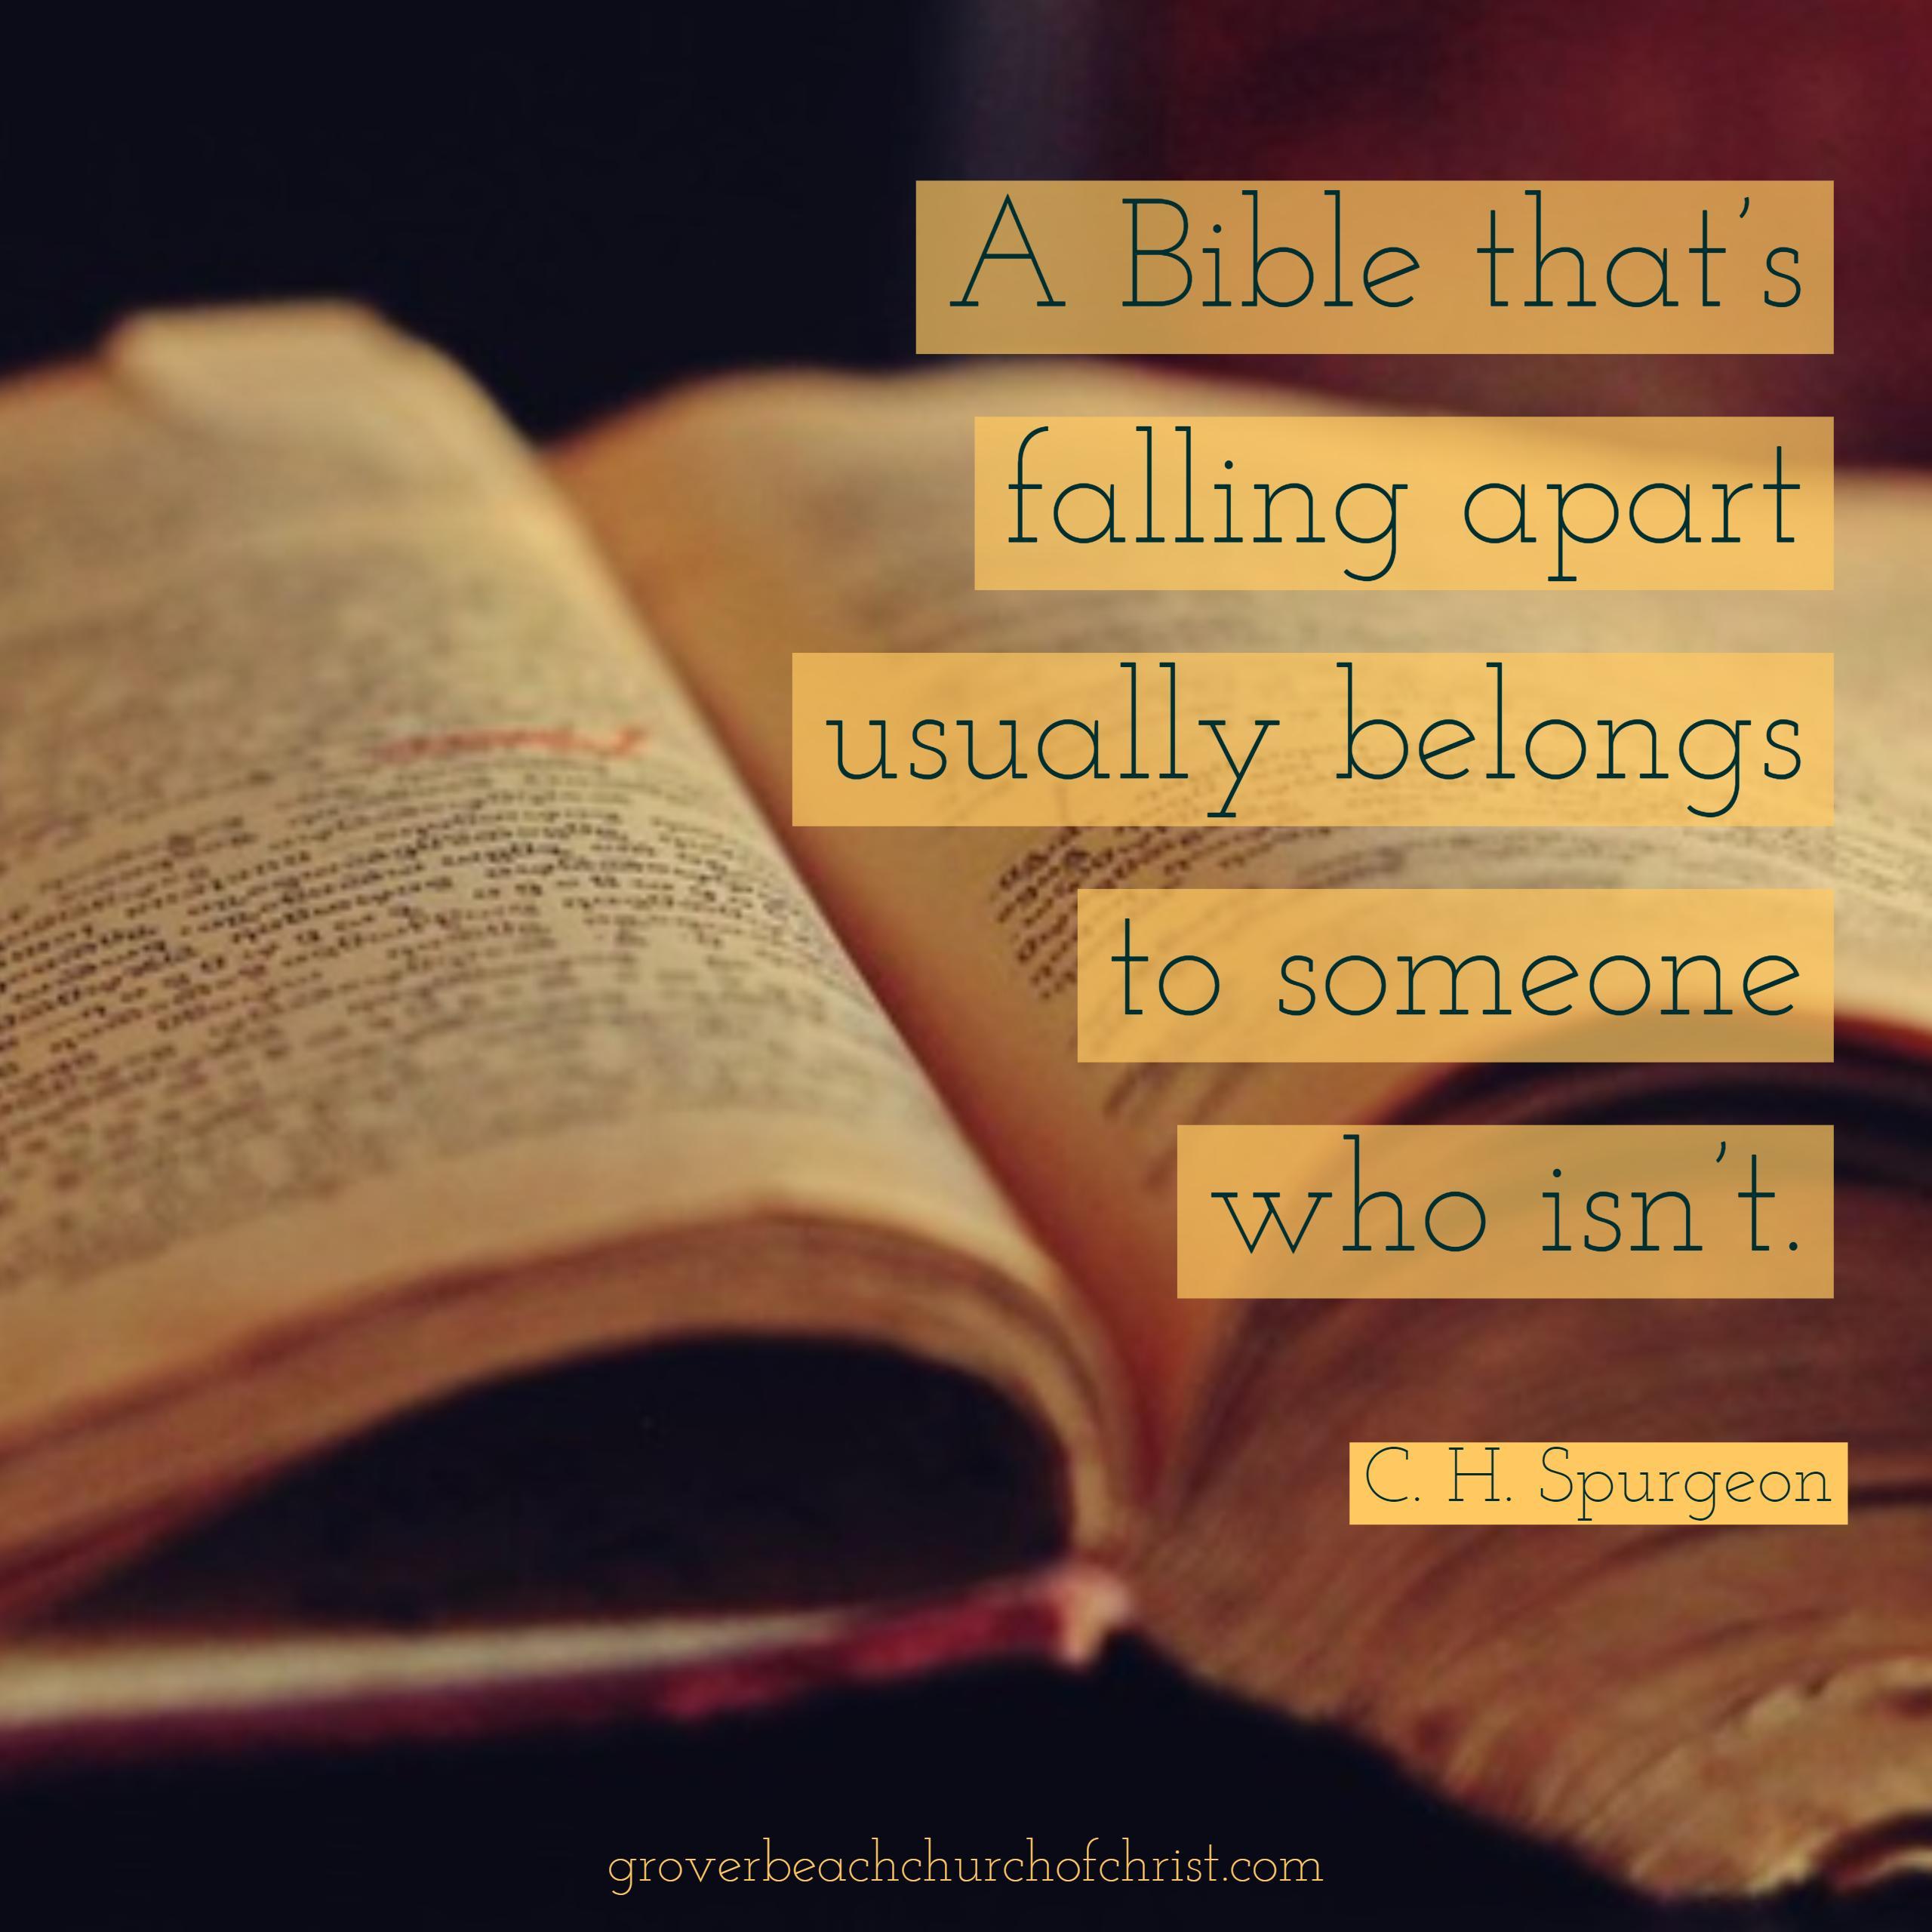 spurgeon-a-bible-thats-falling-apart